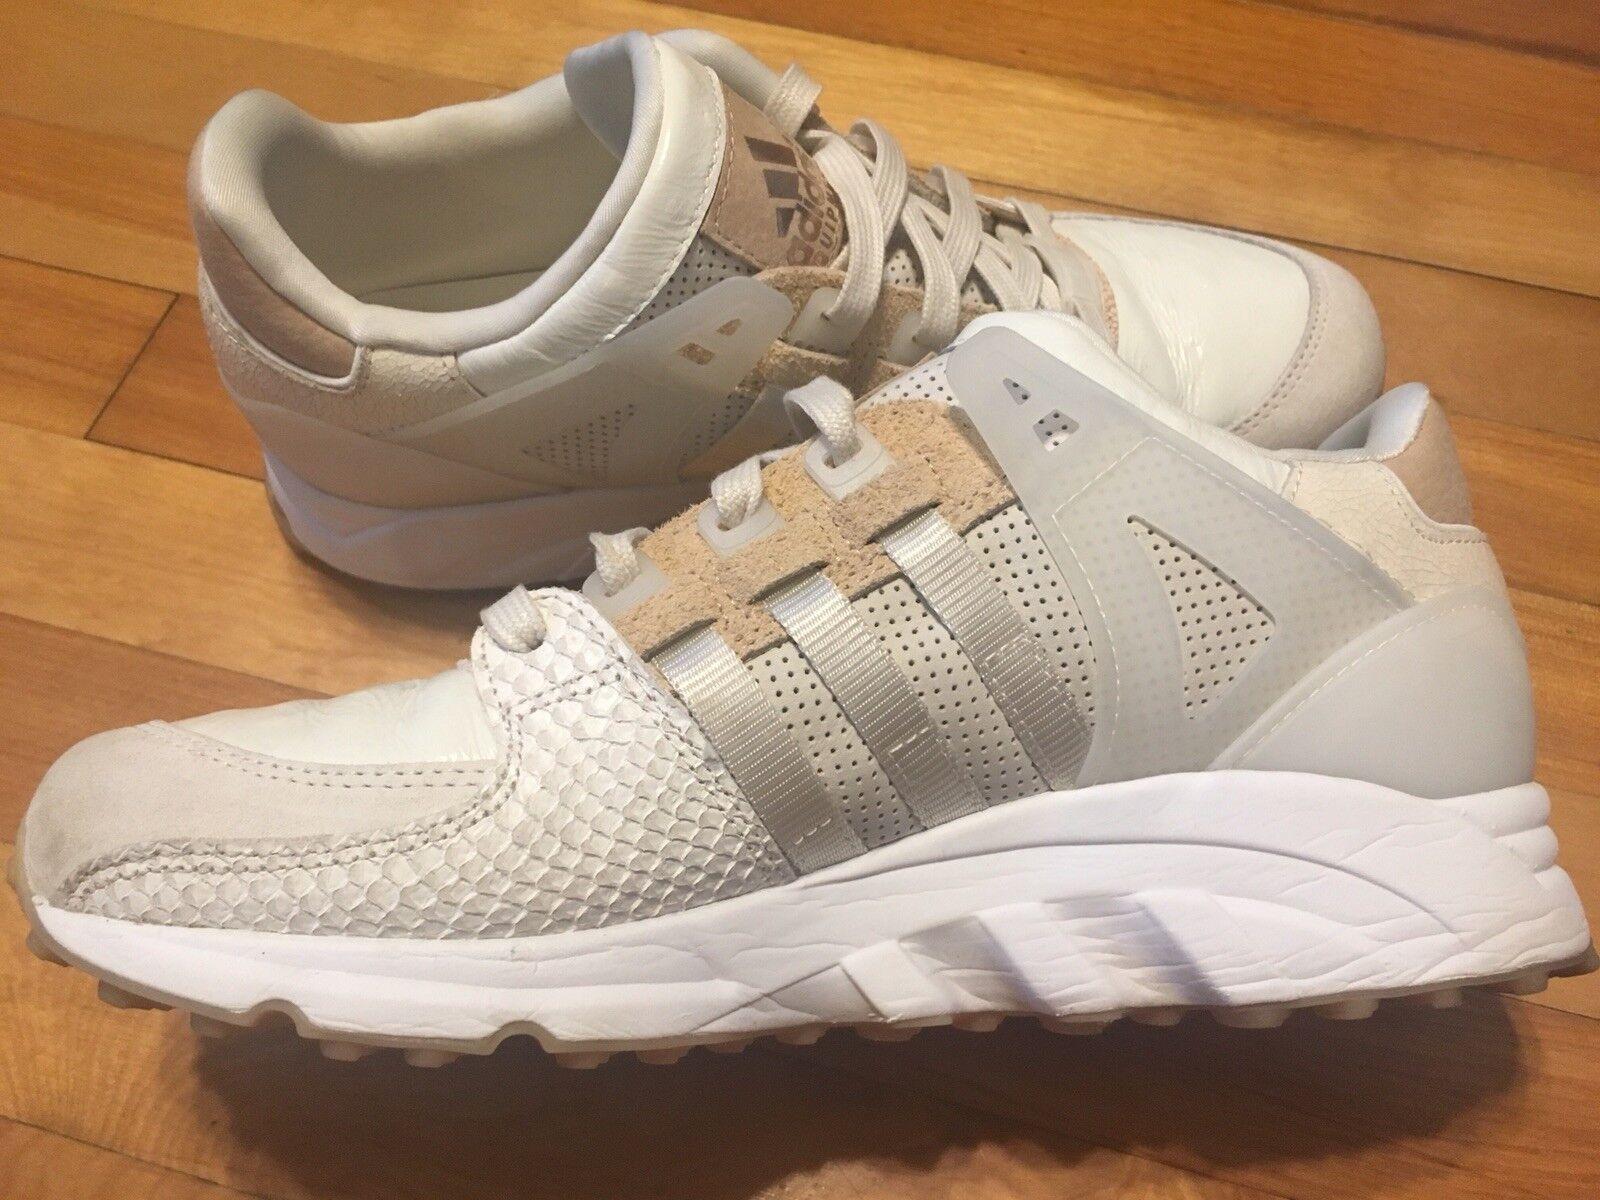 Adidas Originals EQT 'Oddity Luxe' Premium Off White 9.5 Rare